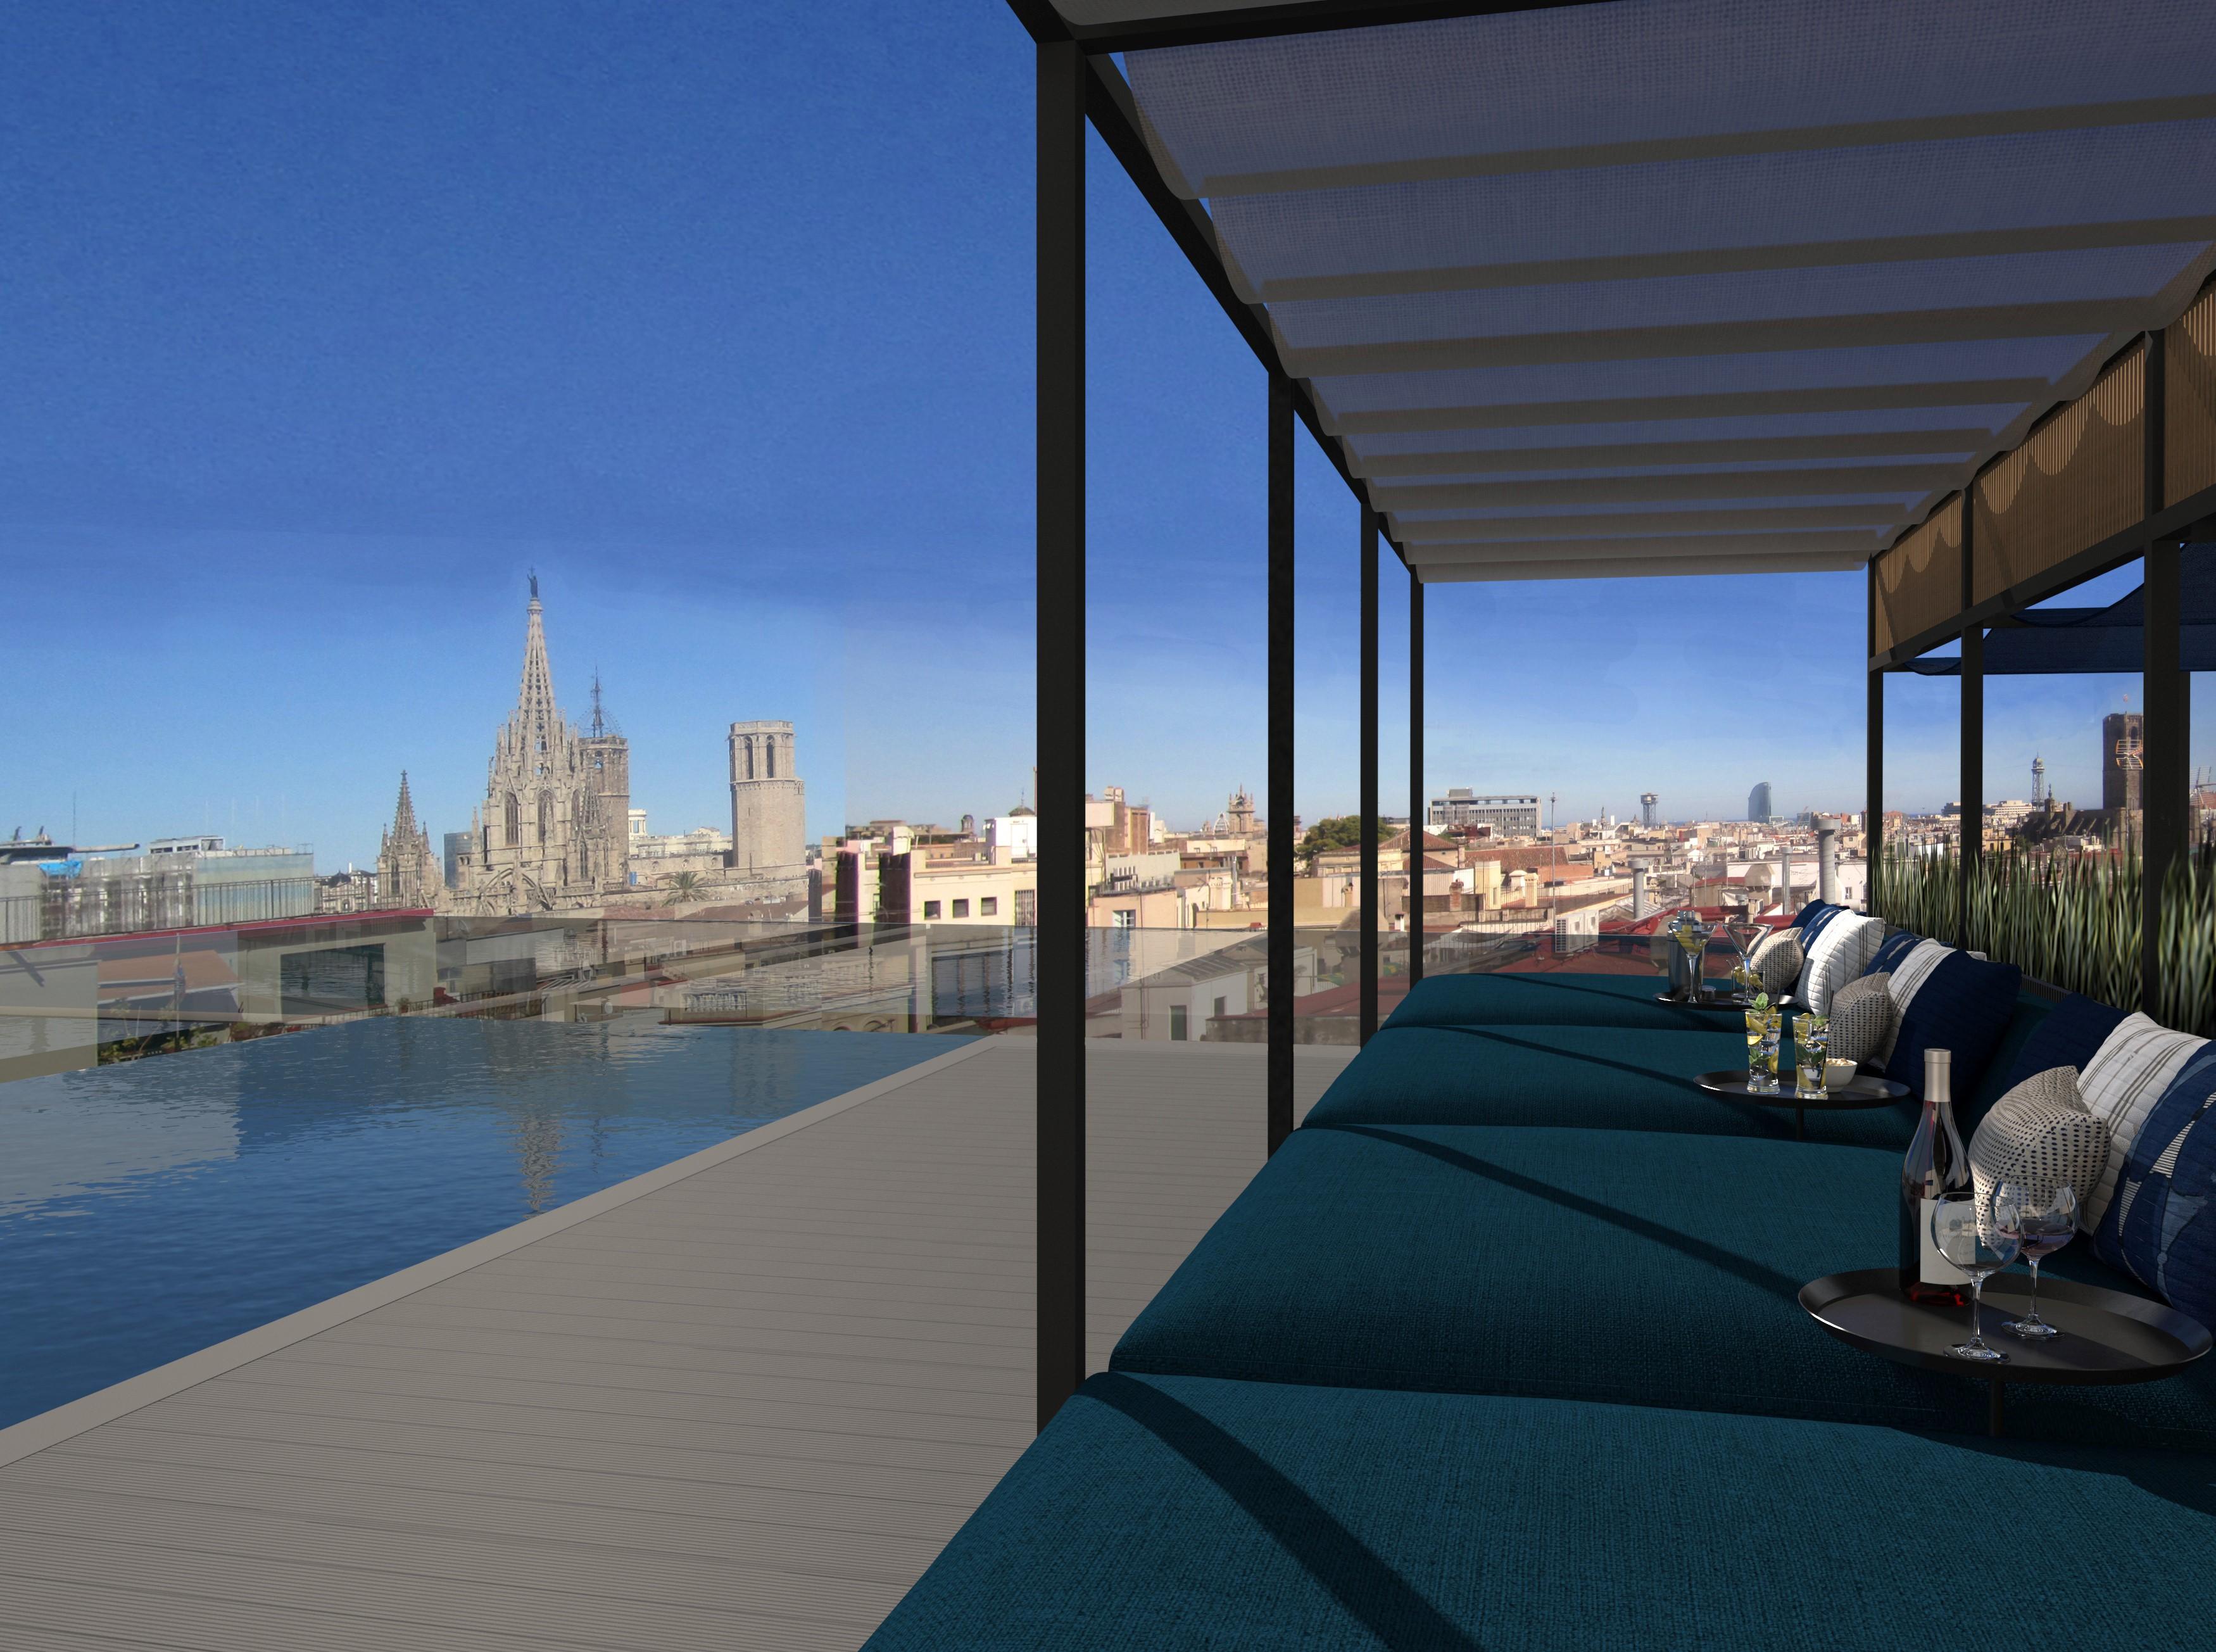 Barceló prevé invertir 600 M€ en 110 proyectos hoteleros en tres años